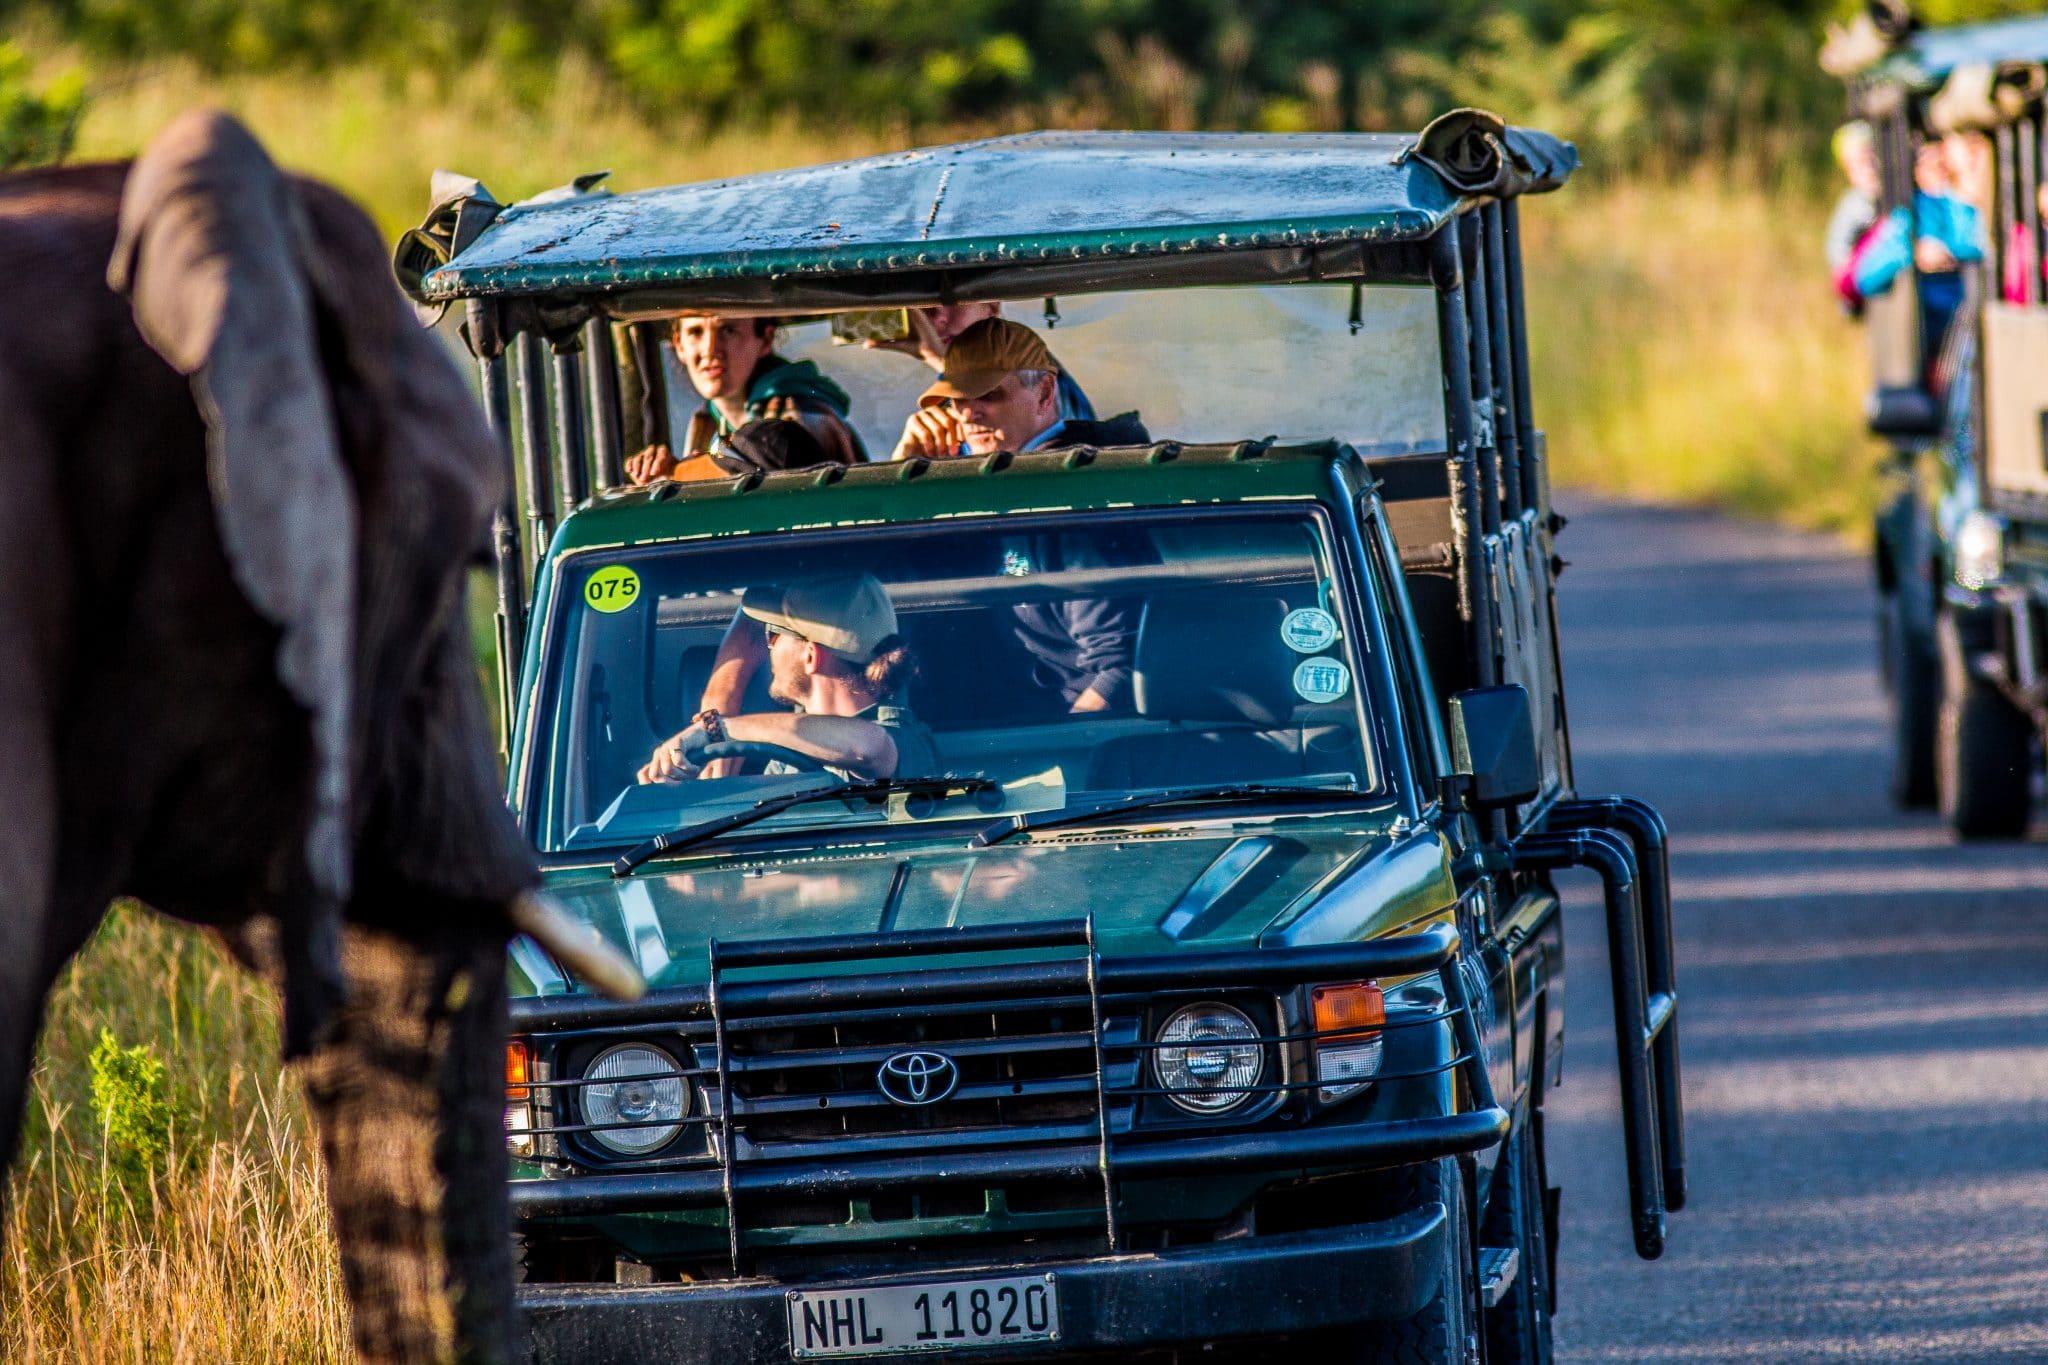 hluhluwe umfolozi safaris